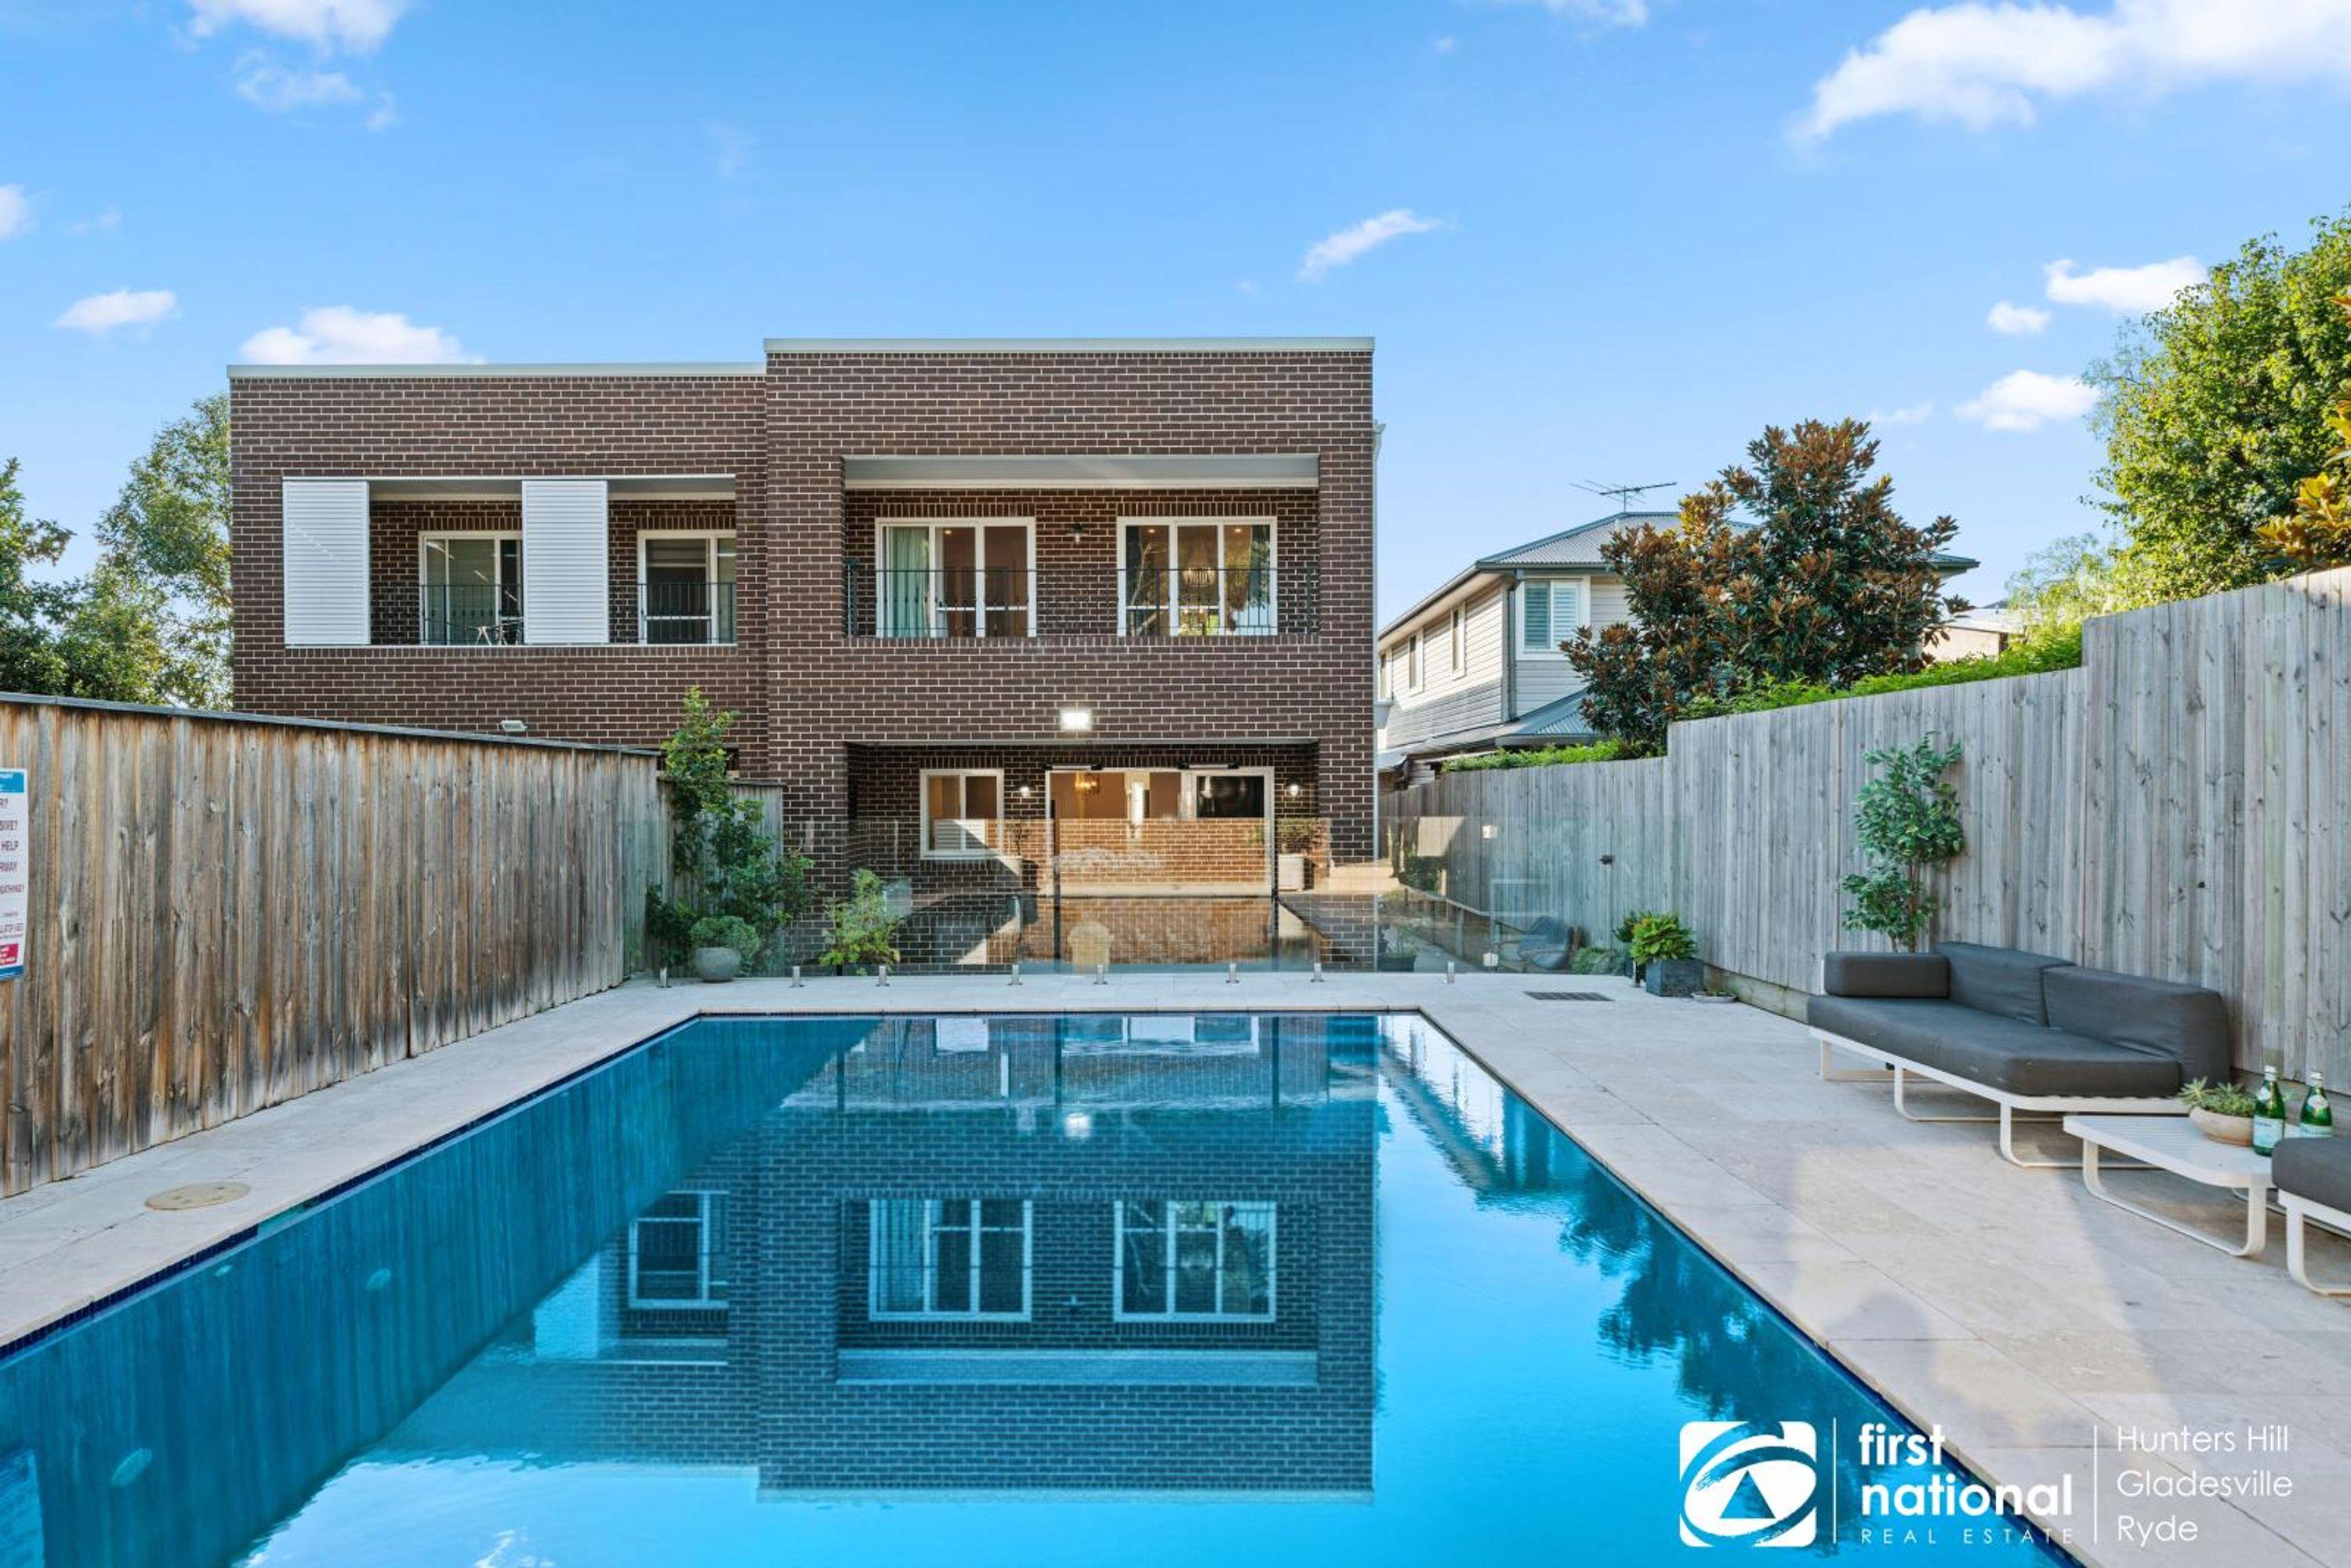 1A Orient Street, Gladesville, NSW 2111